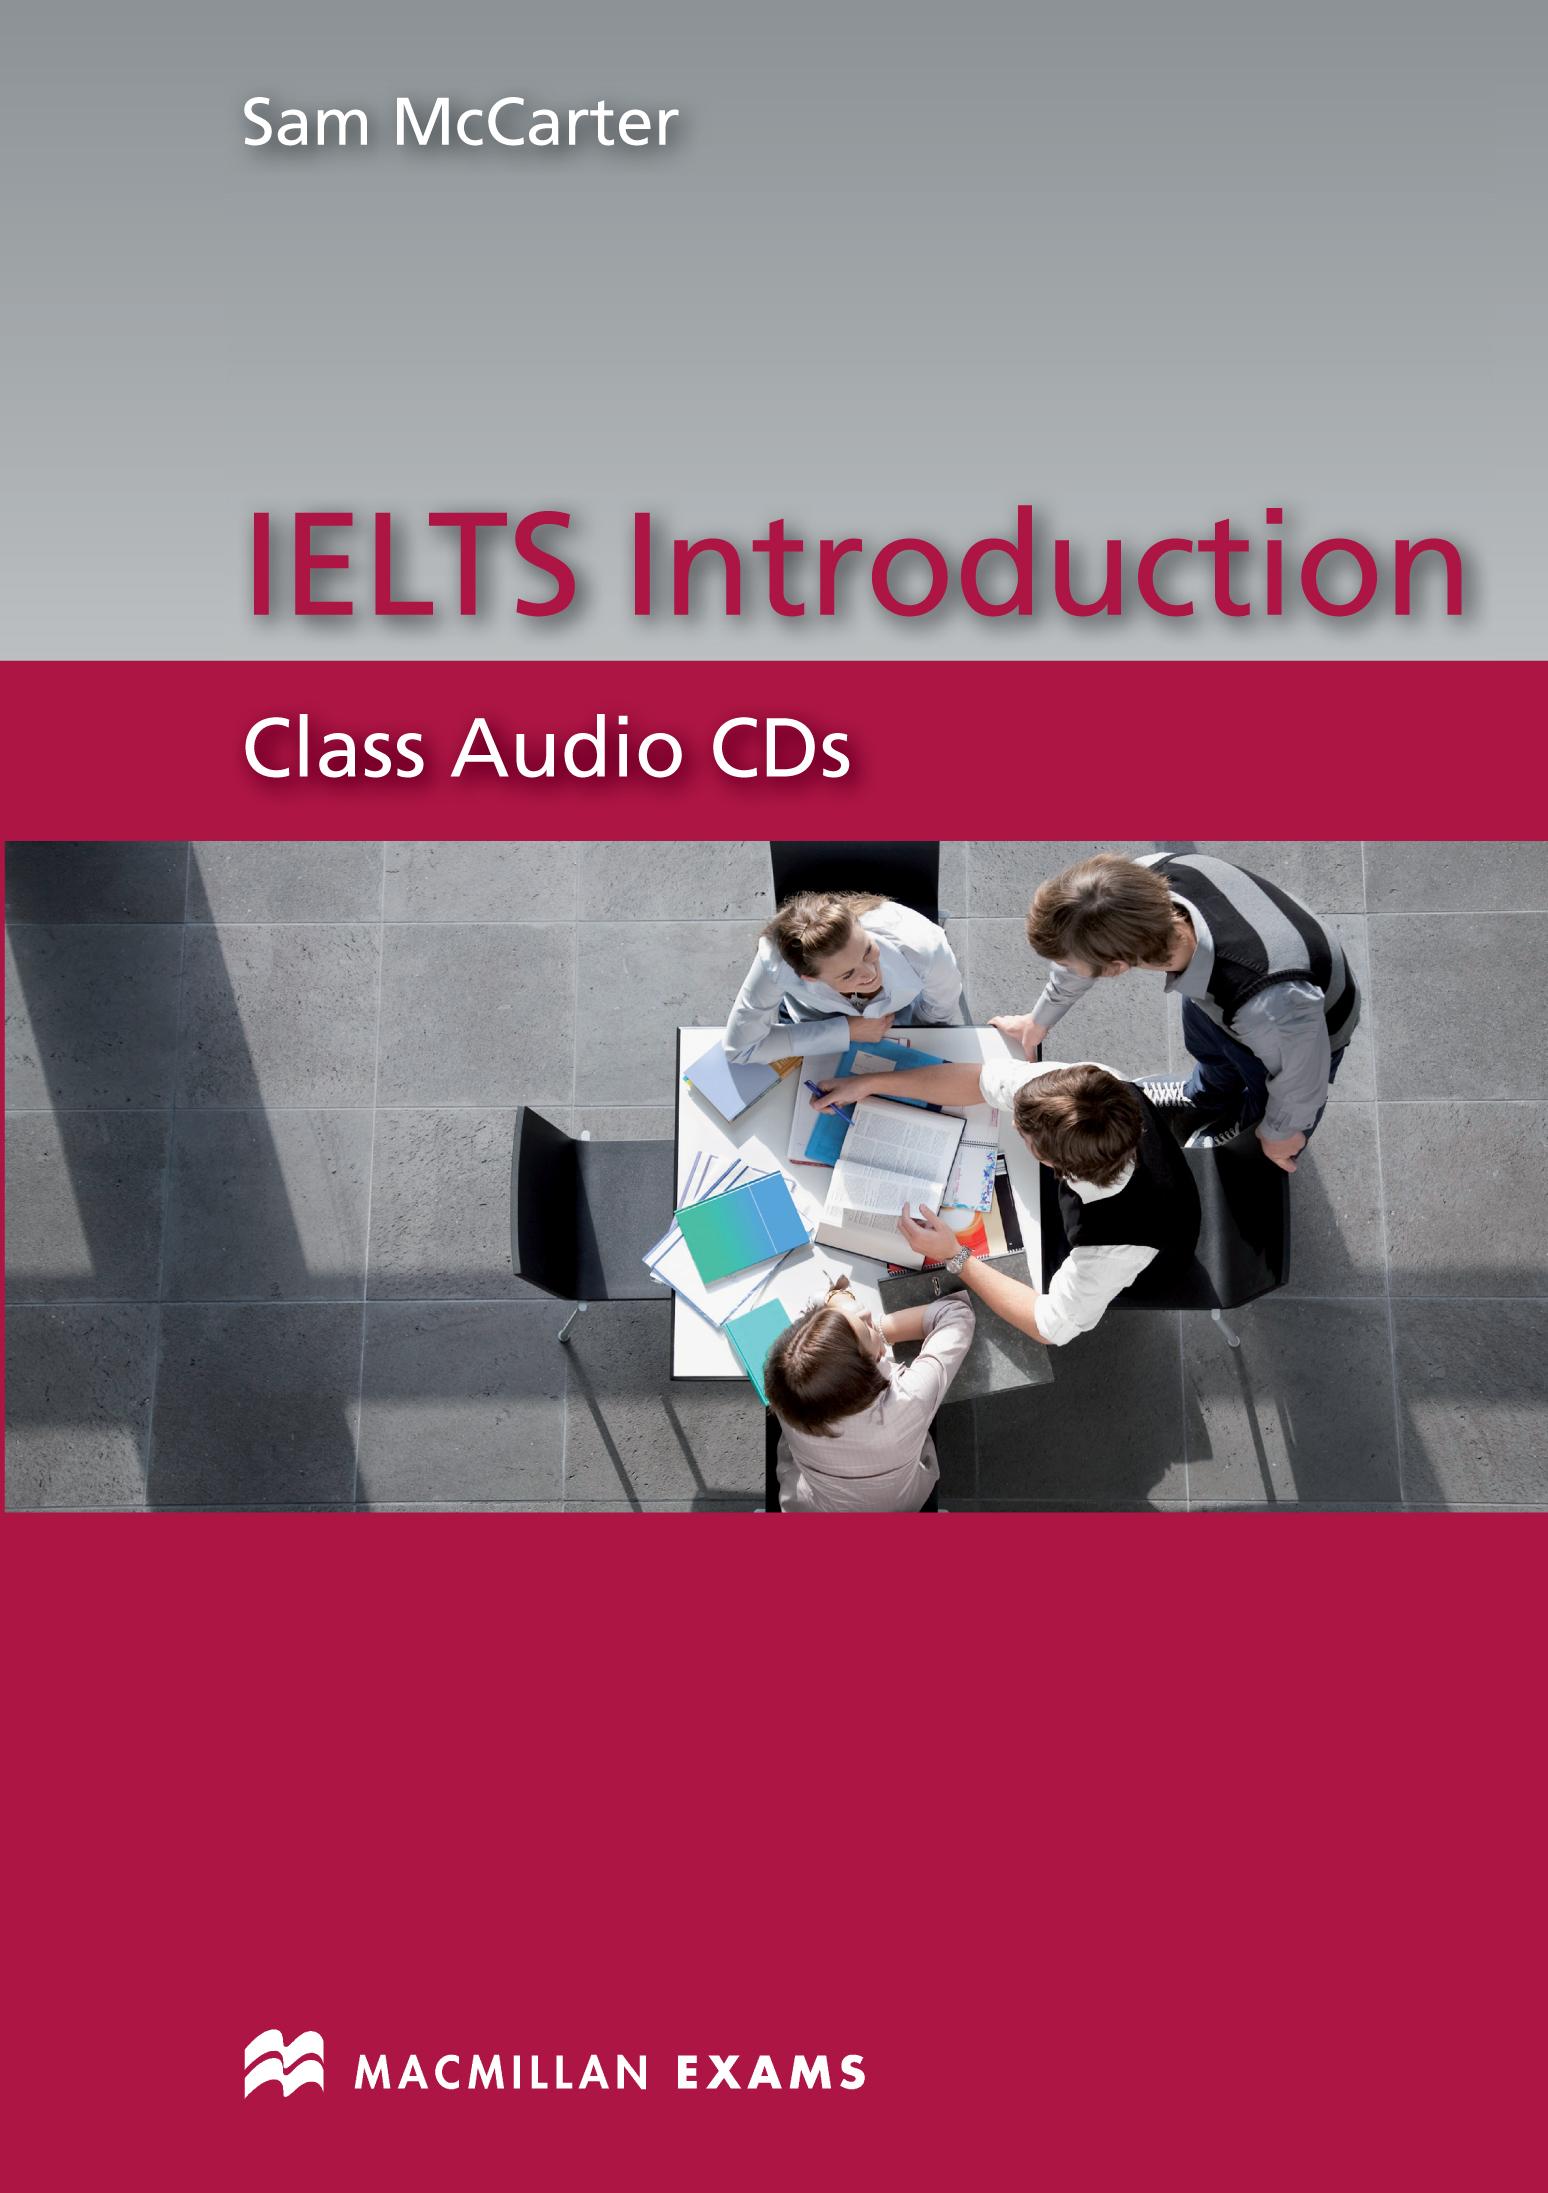 IELTS Introduction Class Audio CDs